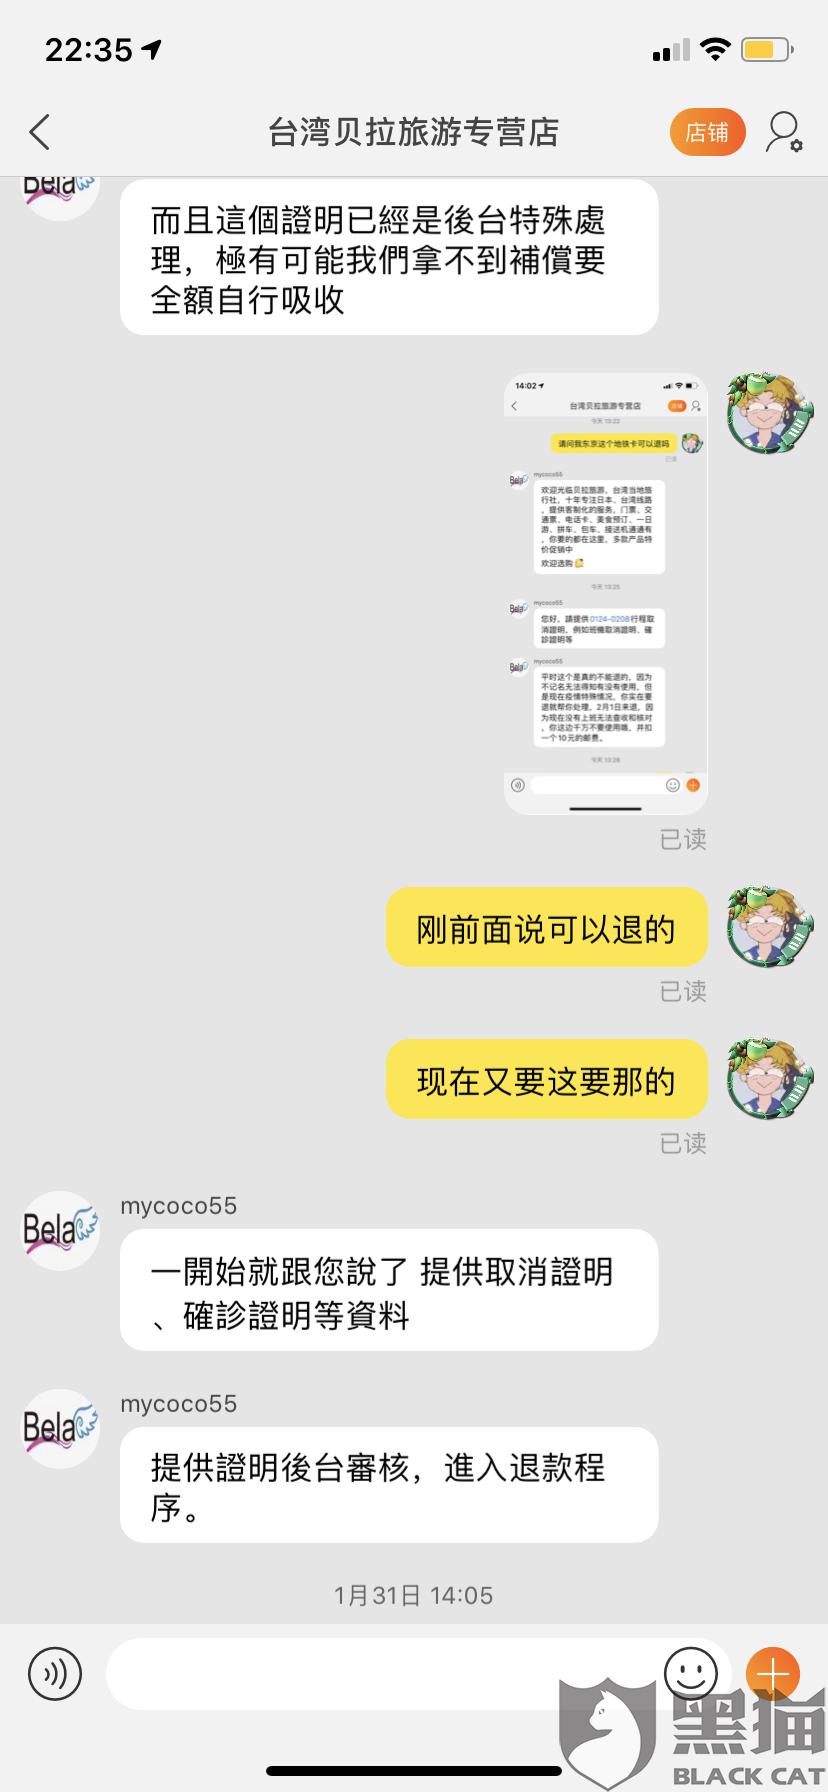 黑猫投诉:飞猪平台(台湾贝拉旅游专营店)拒不退款